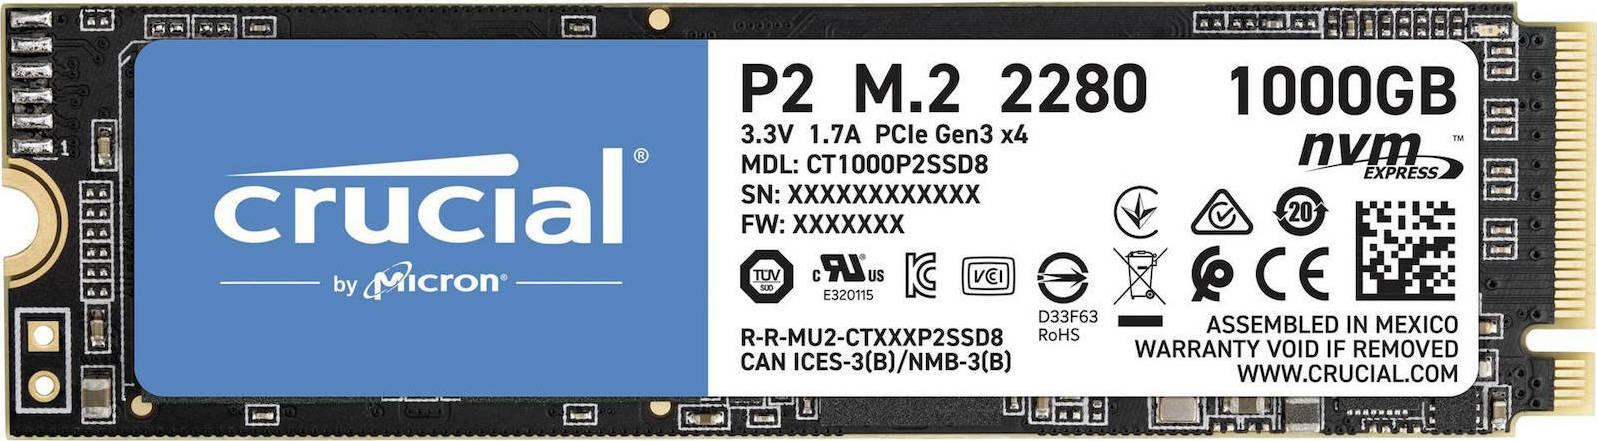 Crucial P2 1TB - Skroutz.gr